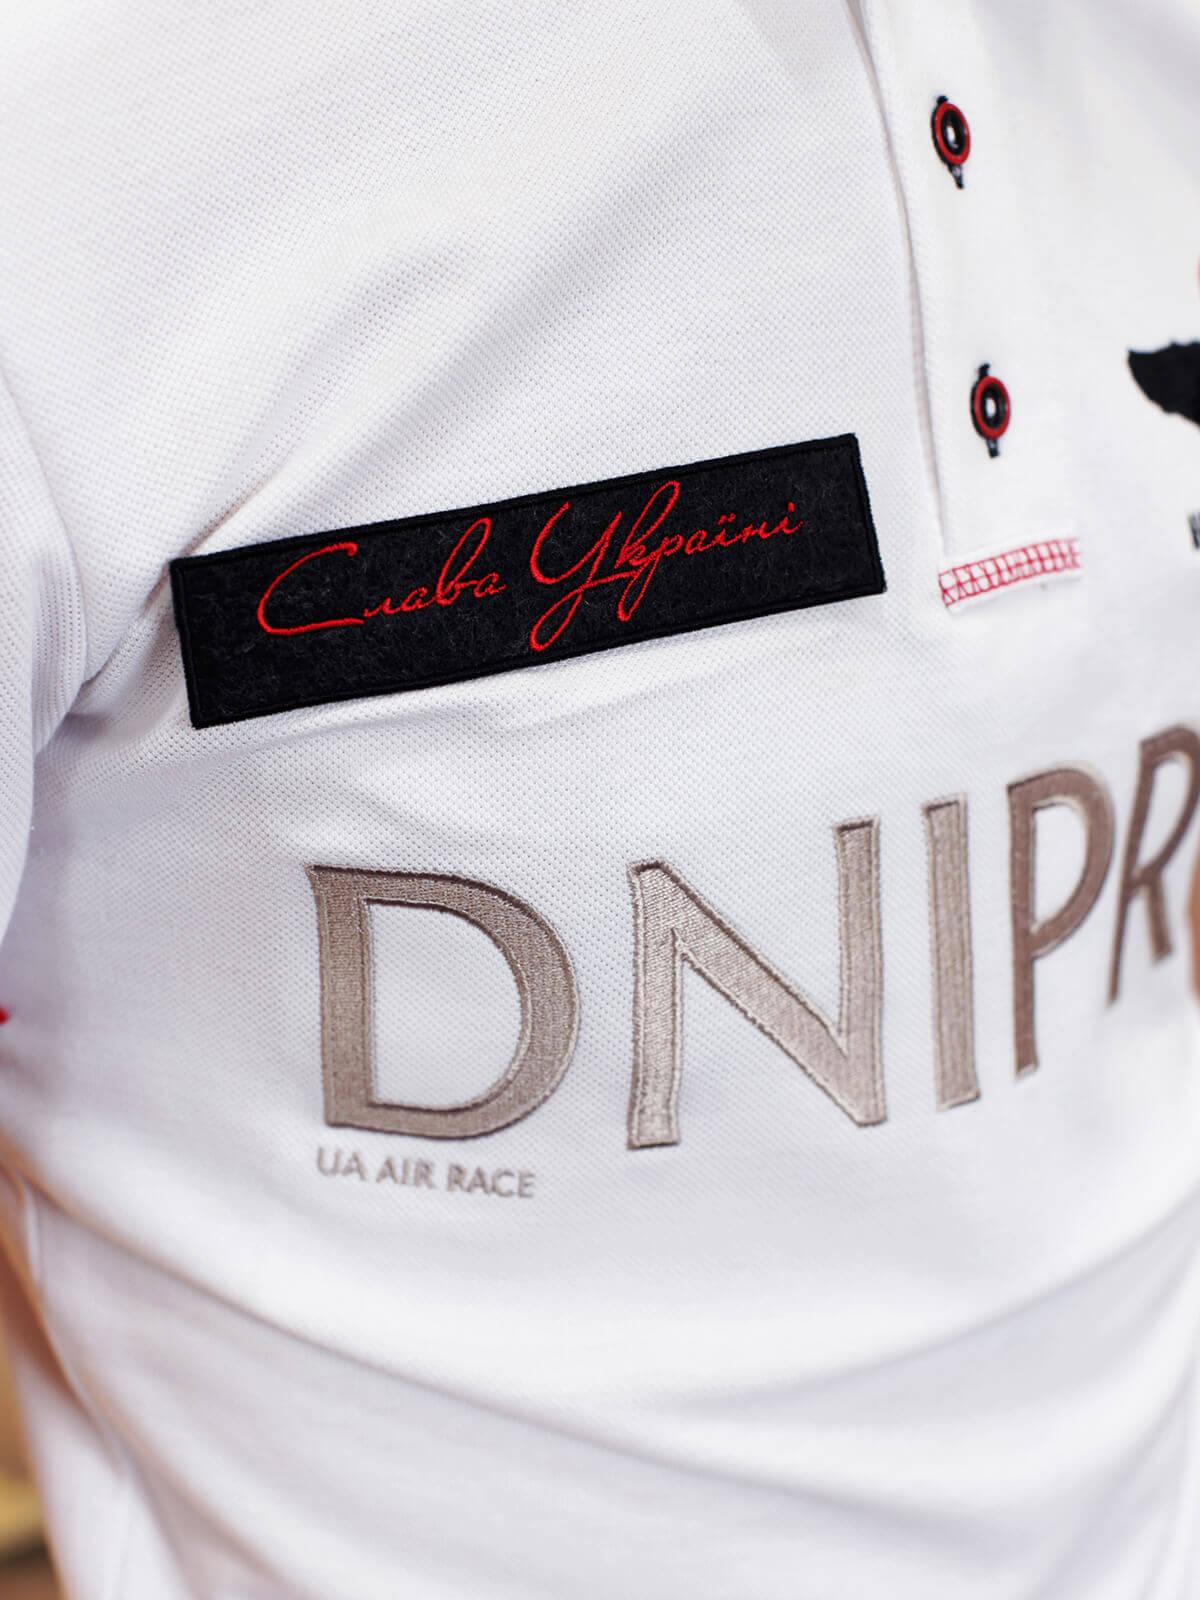 Чоловіче Поло Air Race Dnipro. Колір білий.  Зріст моделі: 176 см.